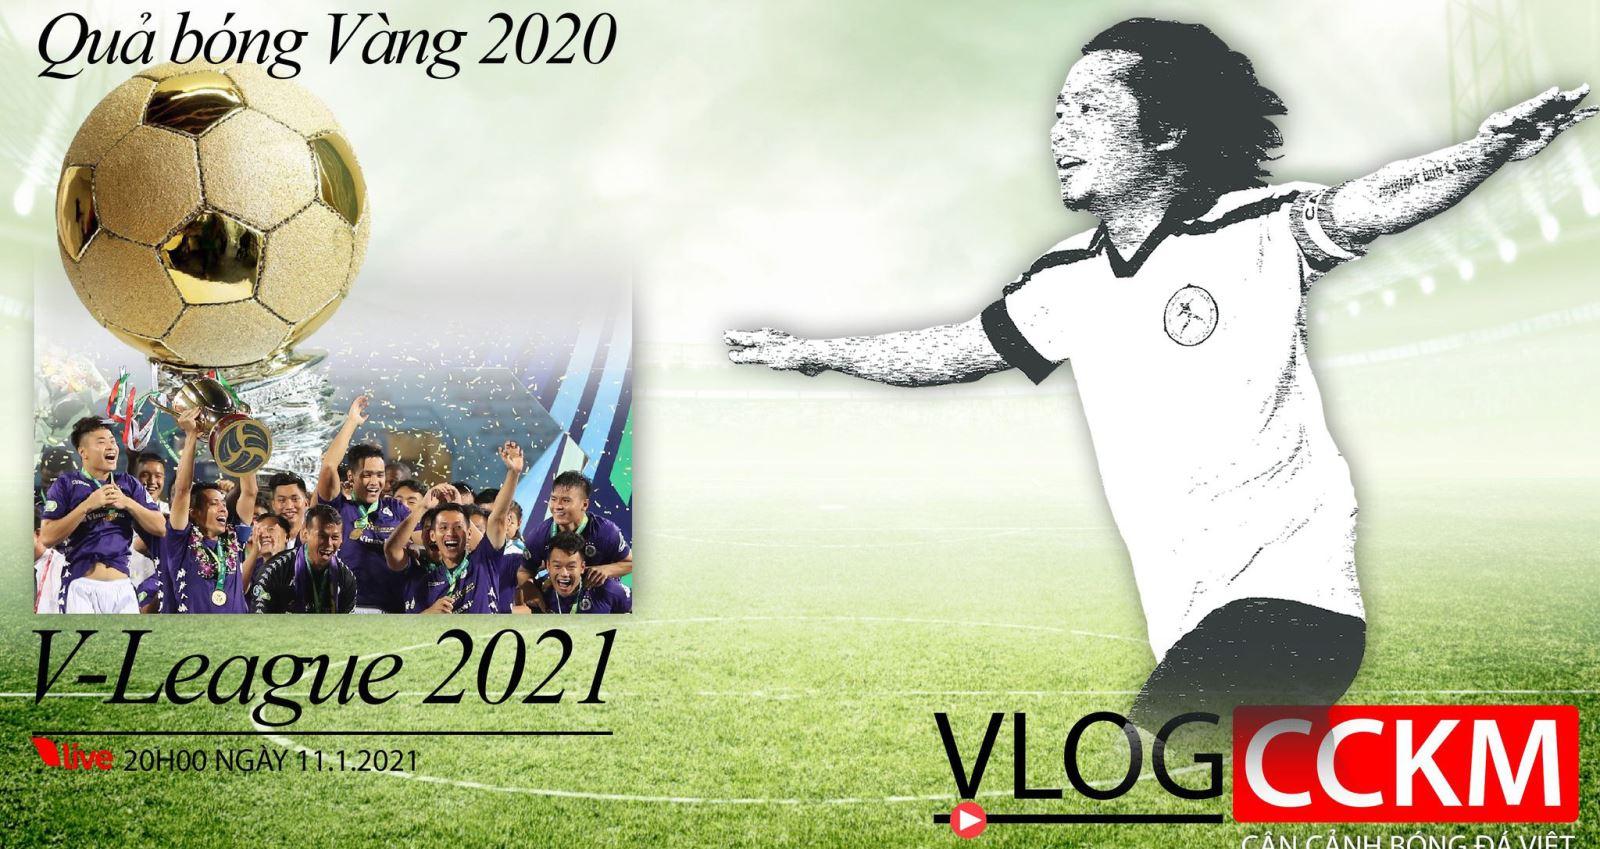 QBV, quả bóng vàng, CCKM, Văn Quyết, Hà Nội FC, trần hải, v-log, v league